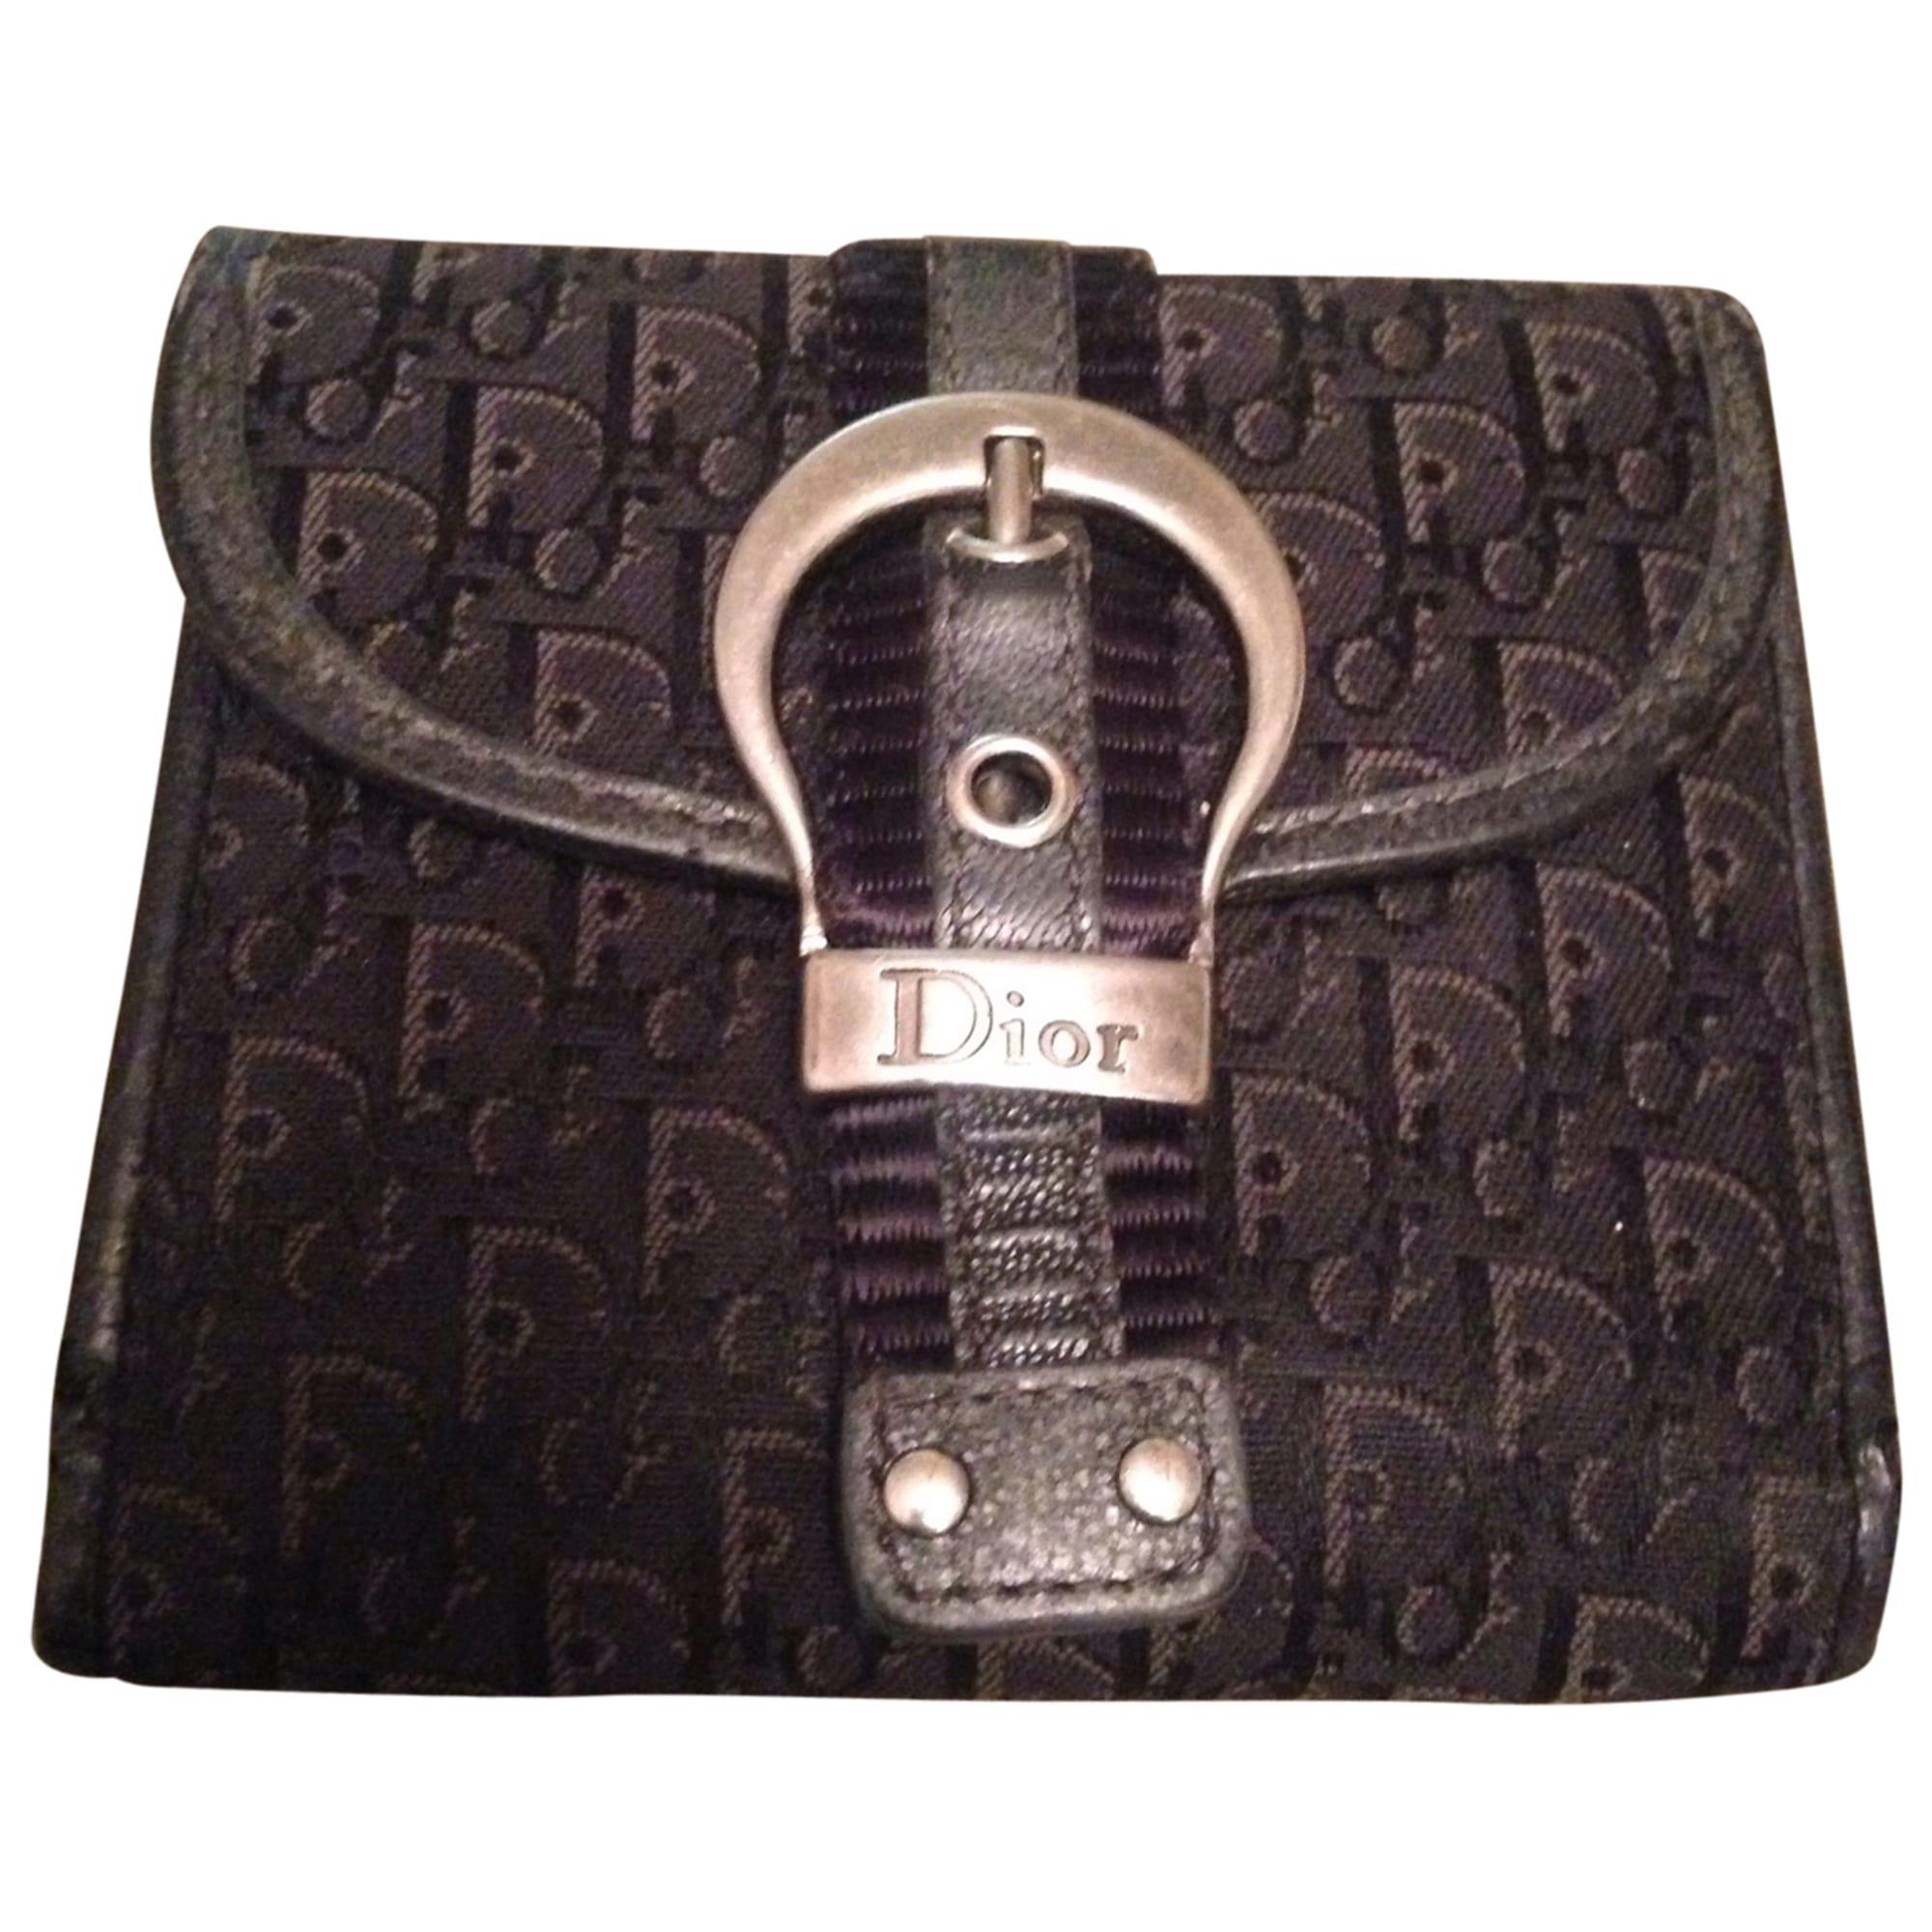 cc6789bc611 Porte-monnaie DIOR noir - 3504286